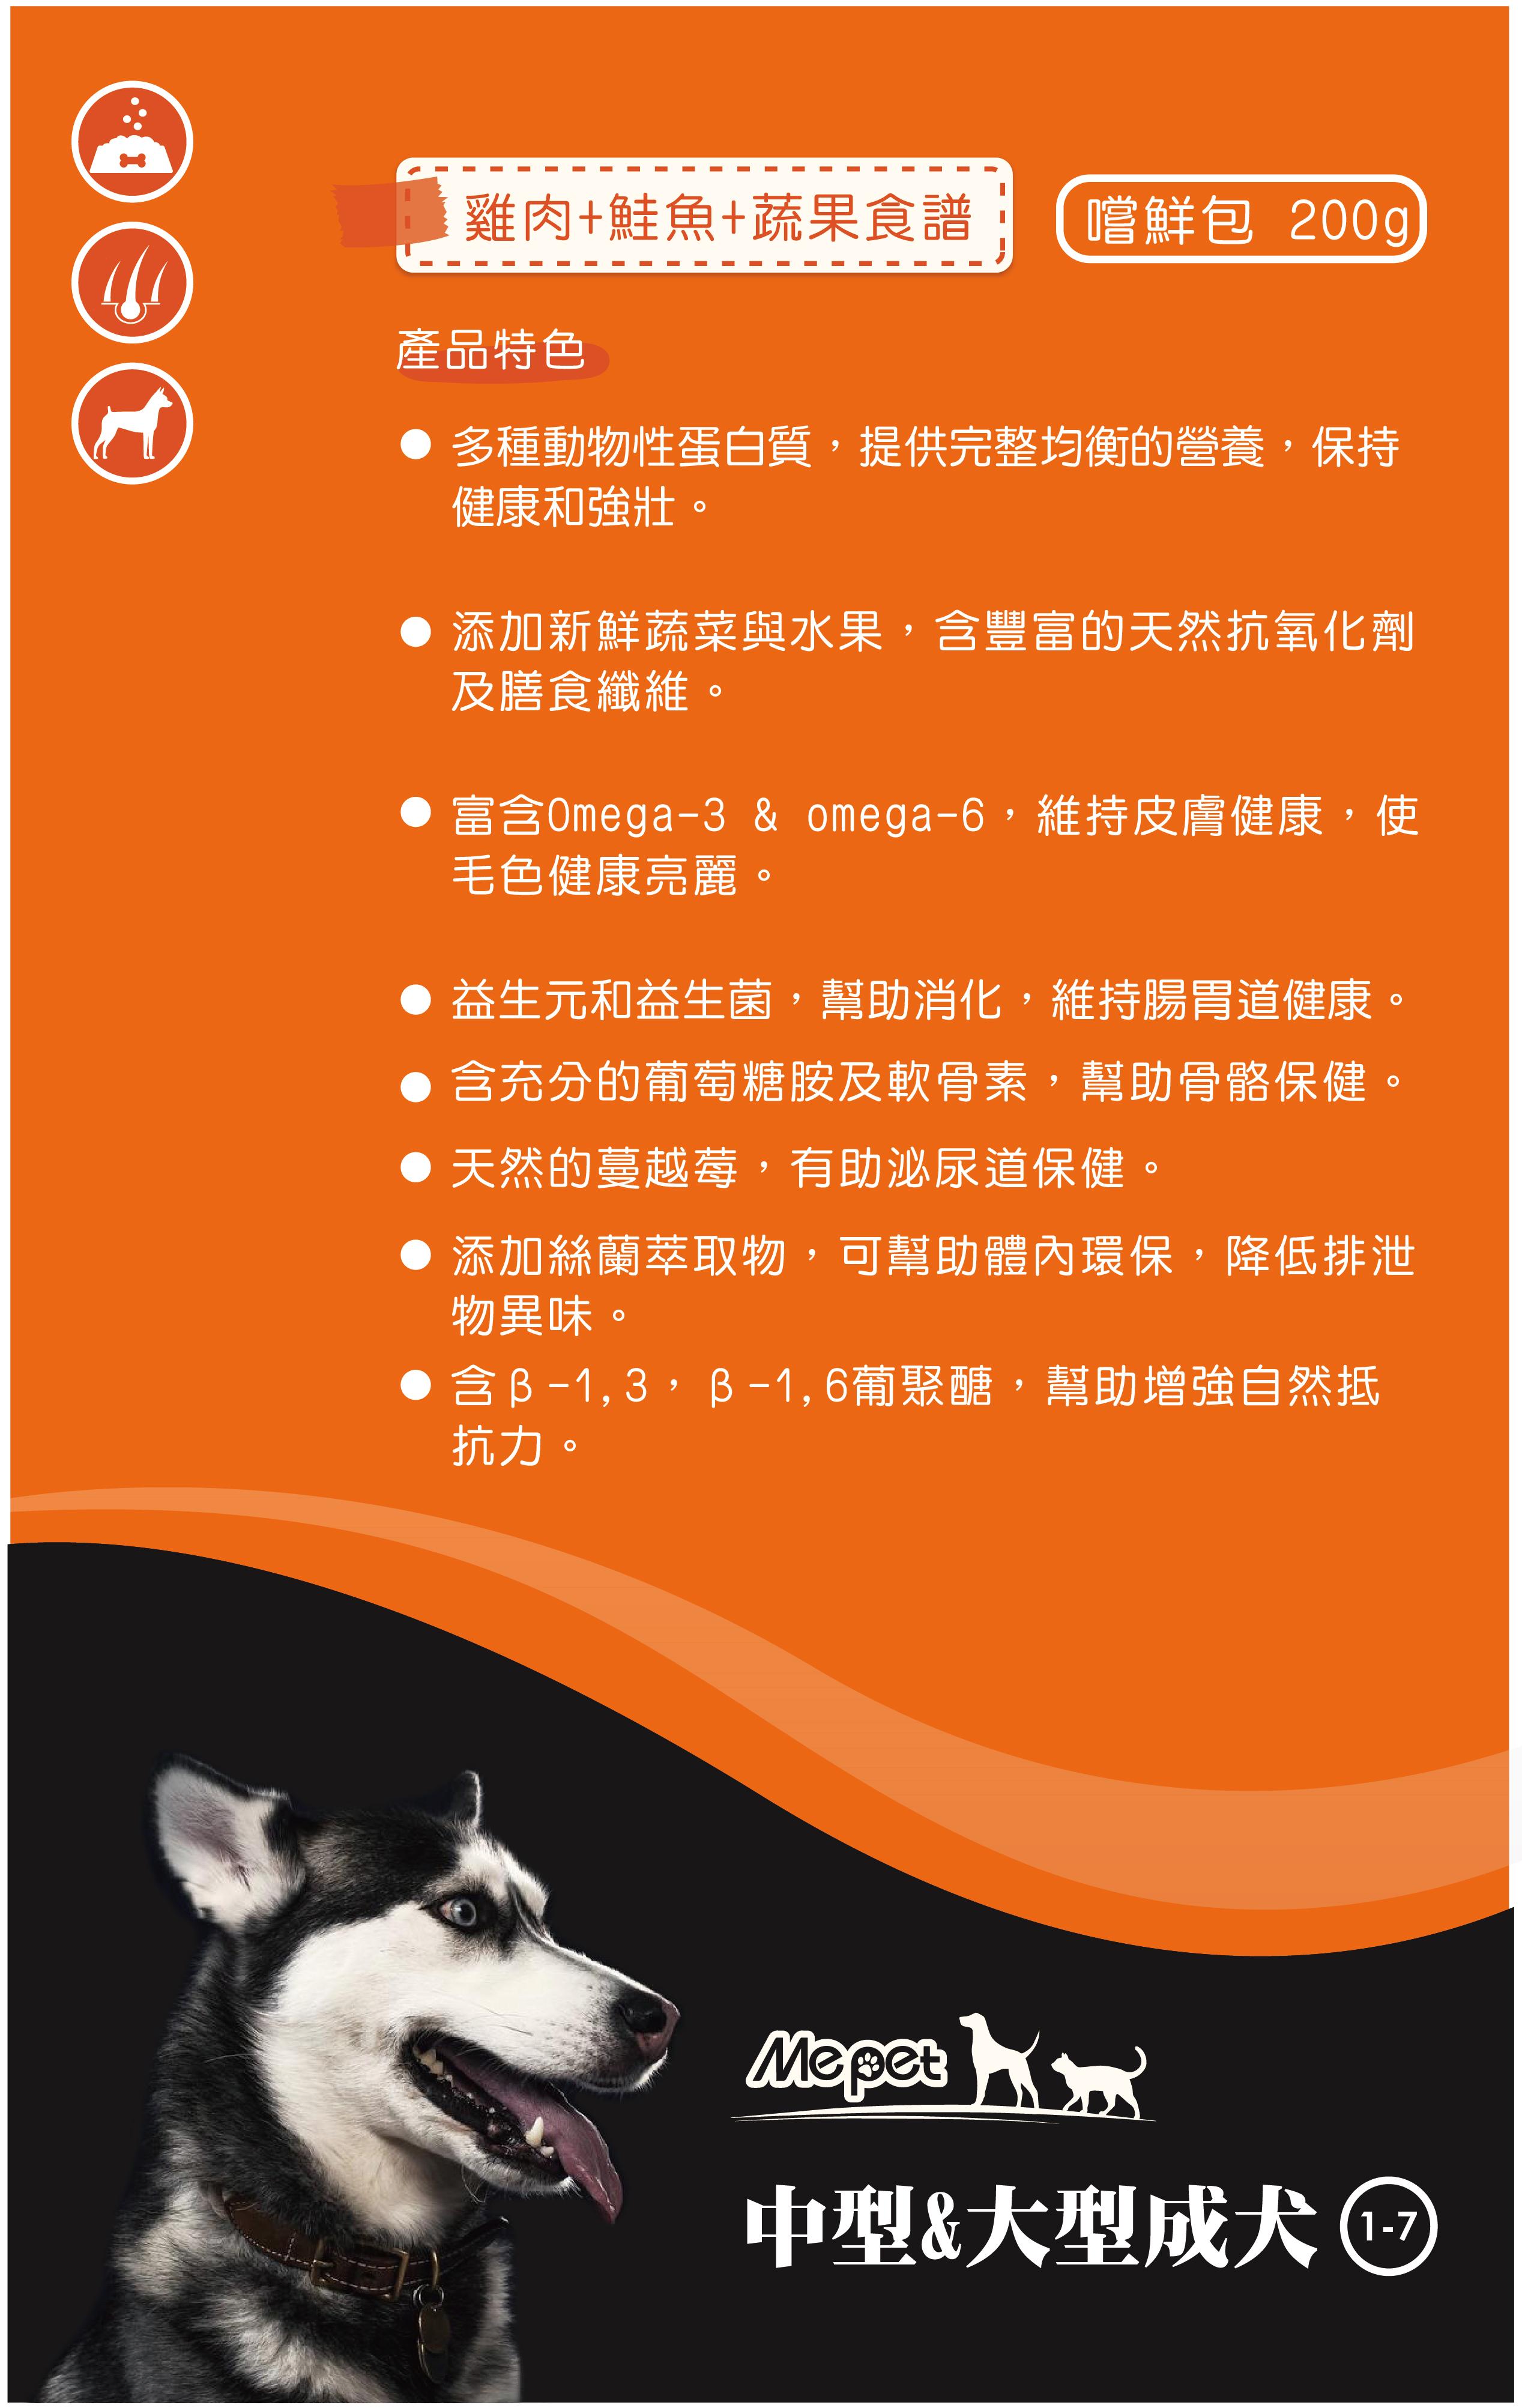 2020飼料試吃體驗活動,限量體驗包,每包99元